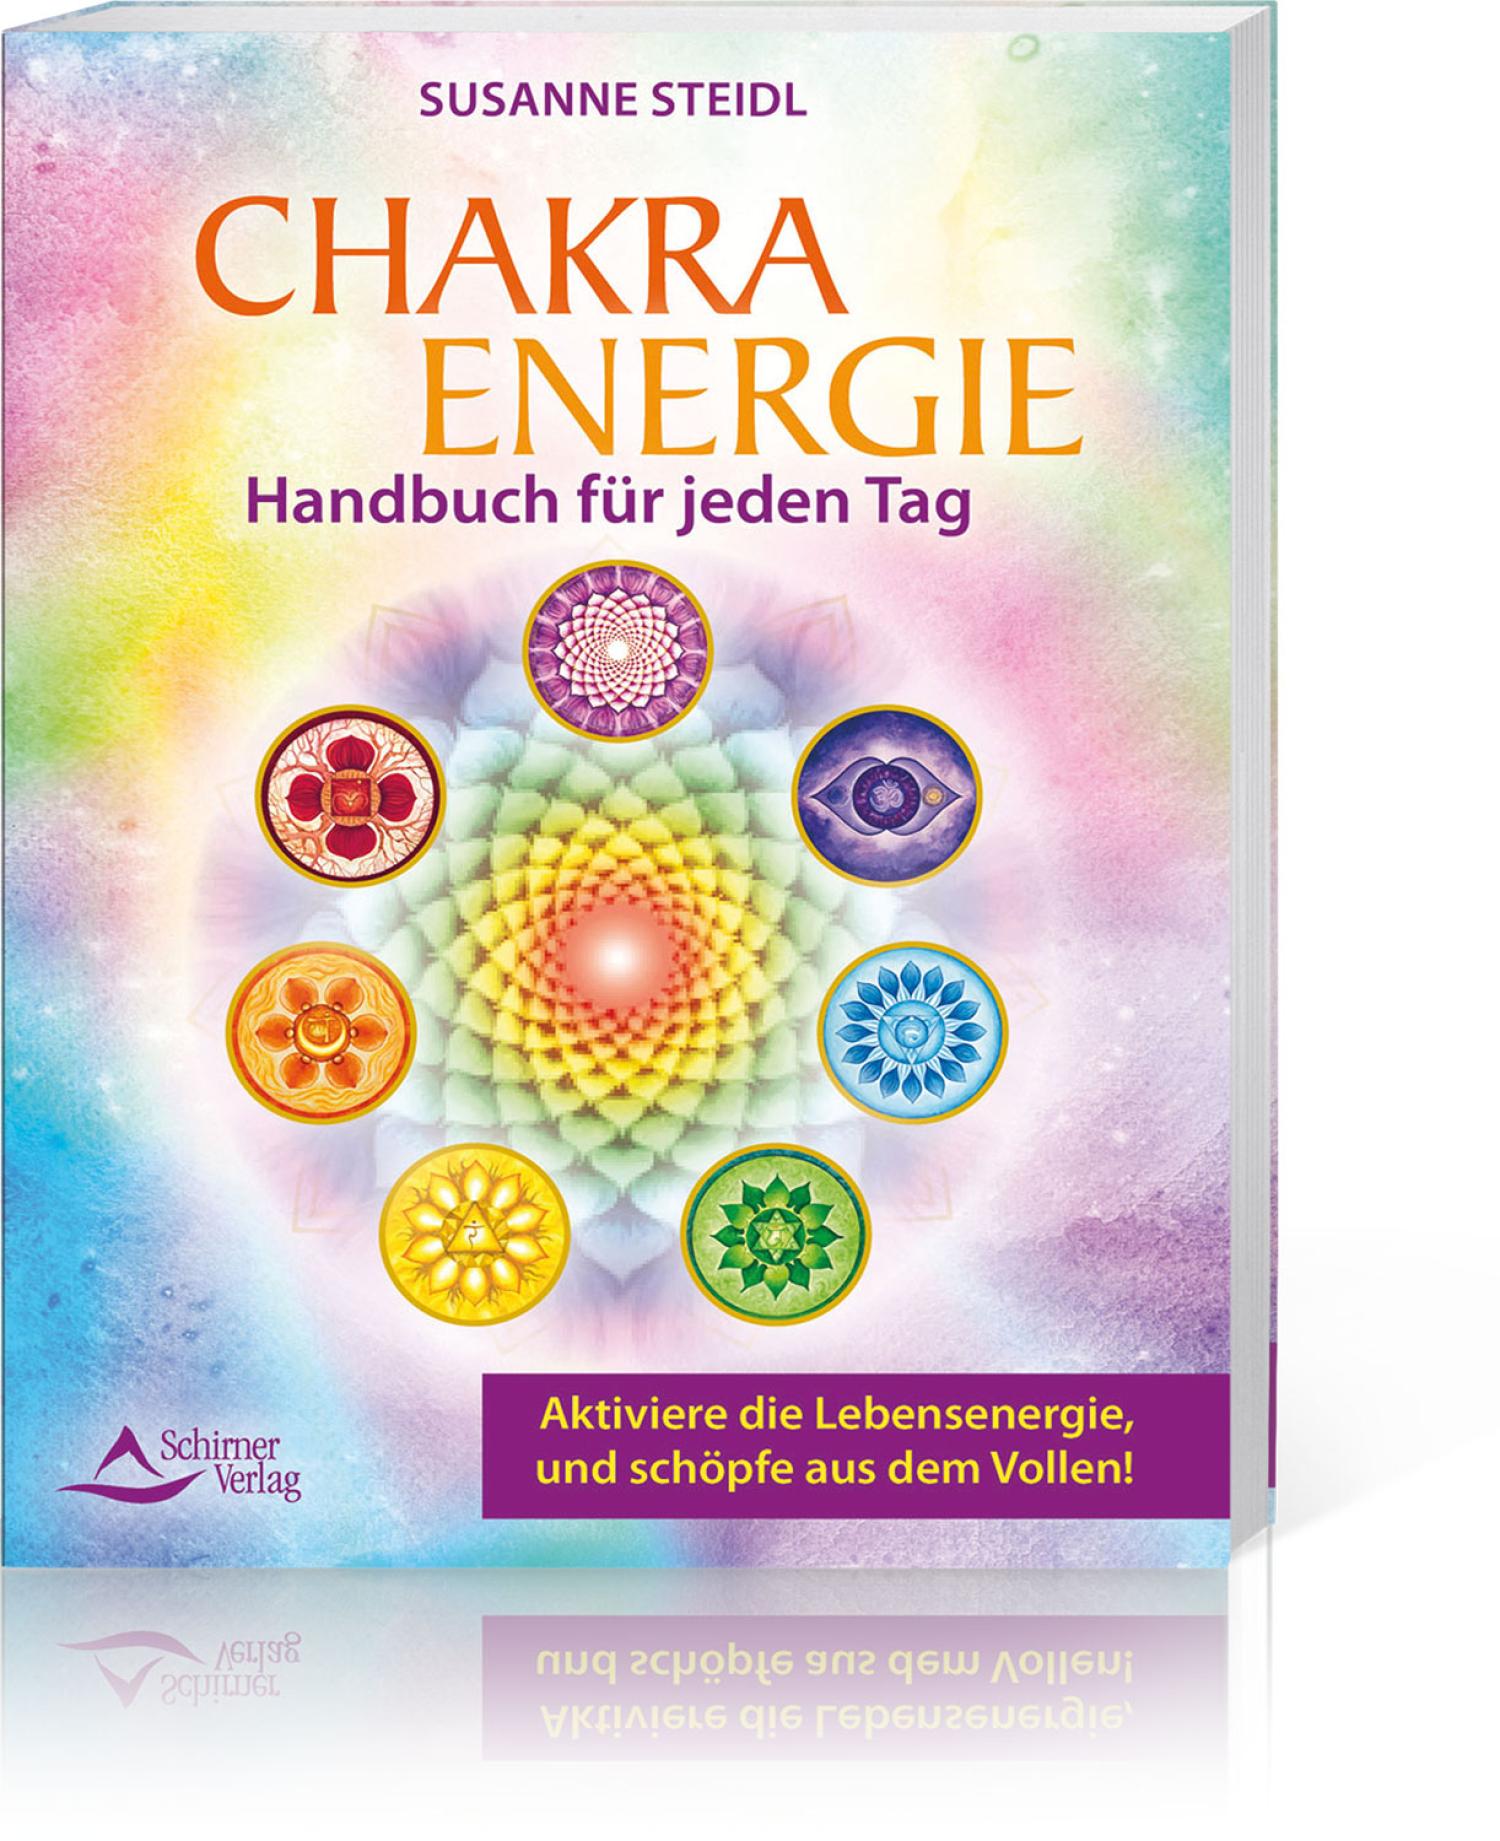 Chakra-Energie-Handbuch, Produktbild 1